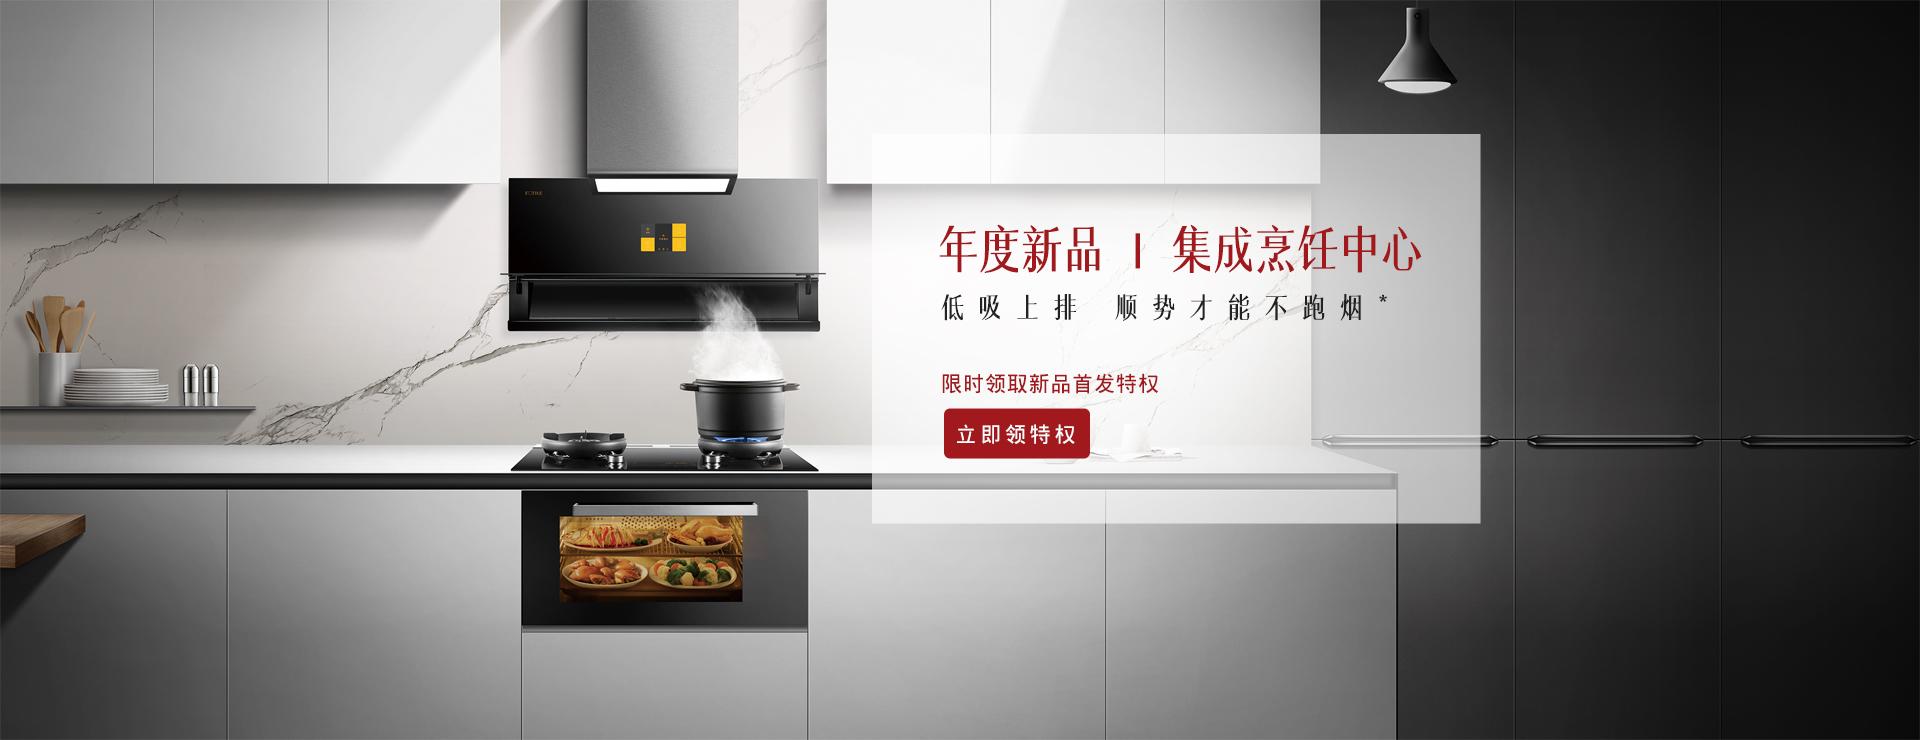 方太年度新品 集成烹饪中心 - FOTILE方太厨房电器官方网站